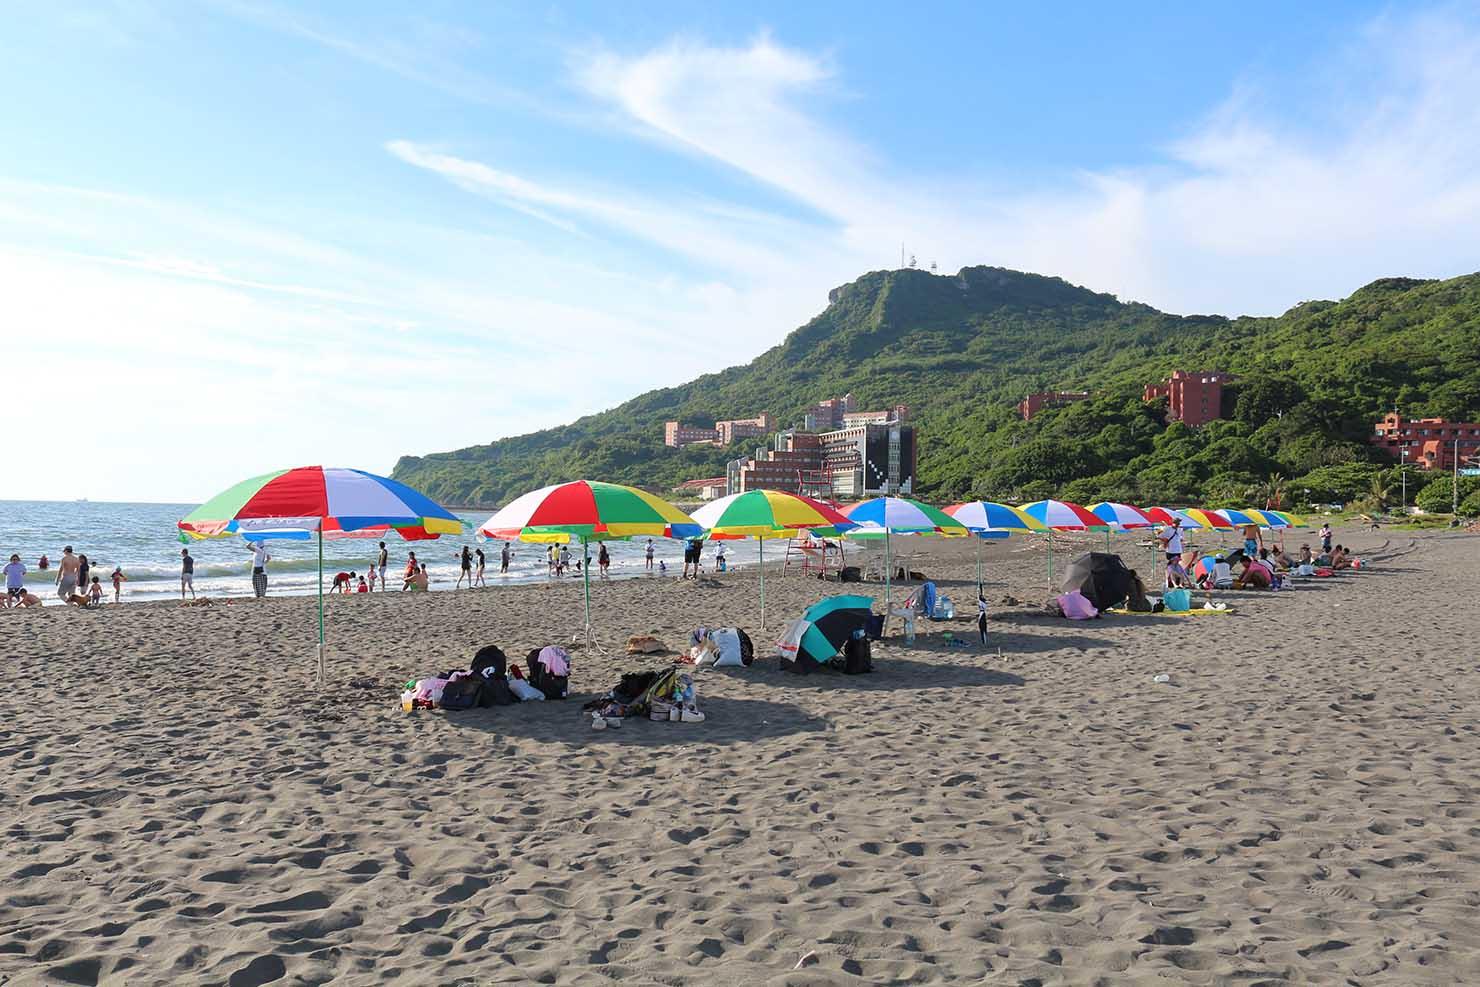 台湾・高雄の西子灣エリアにあるビーチ